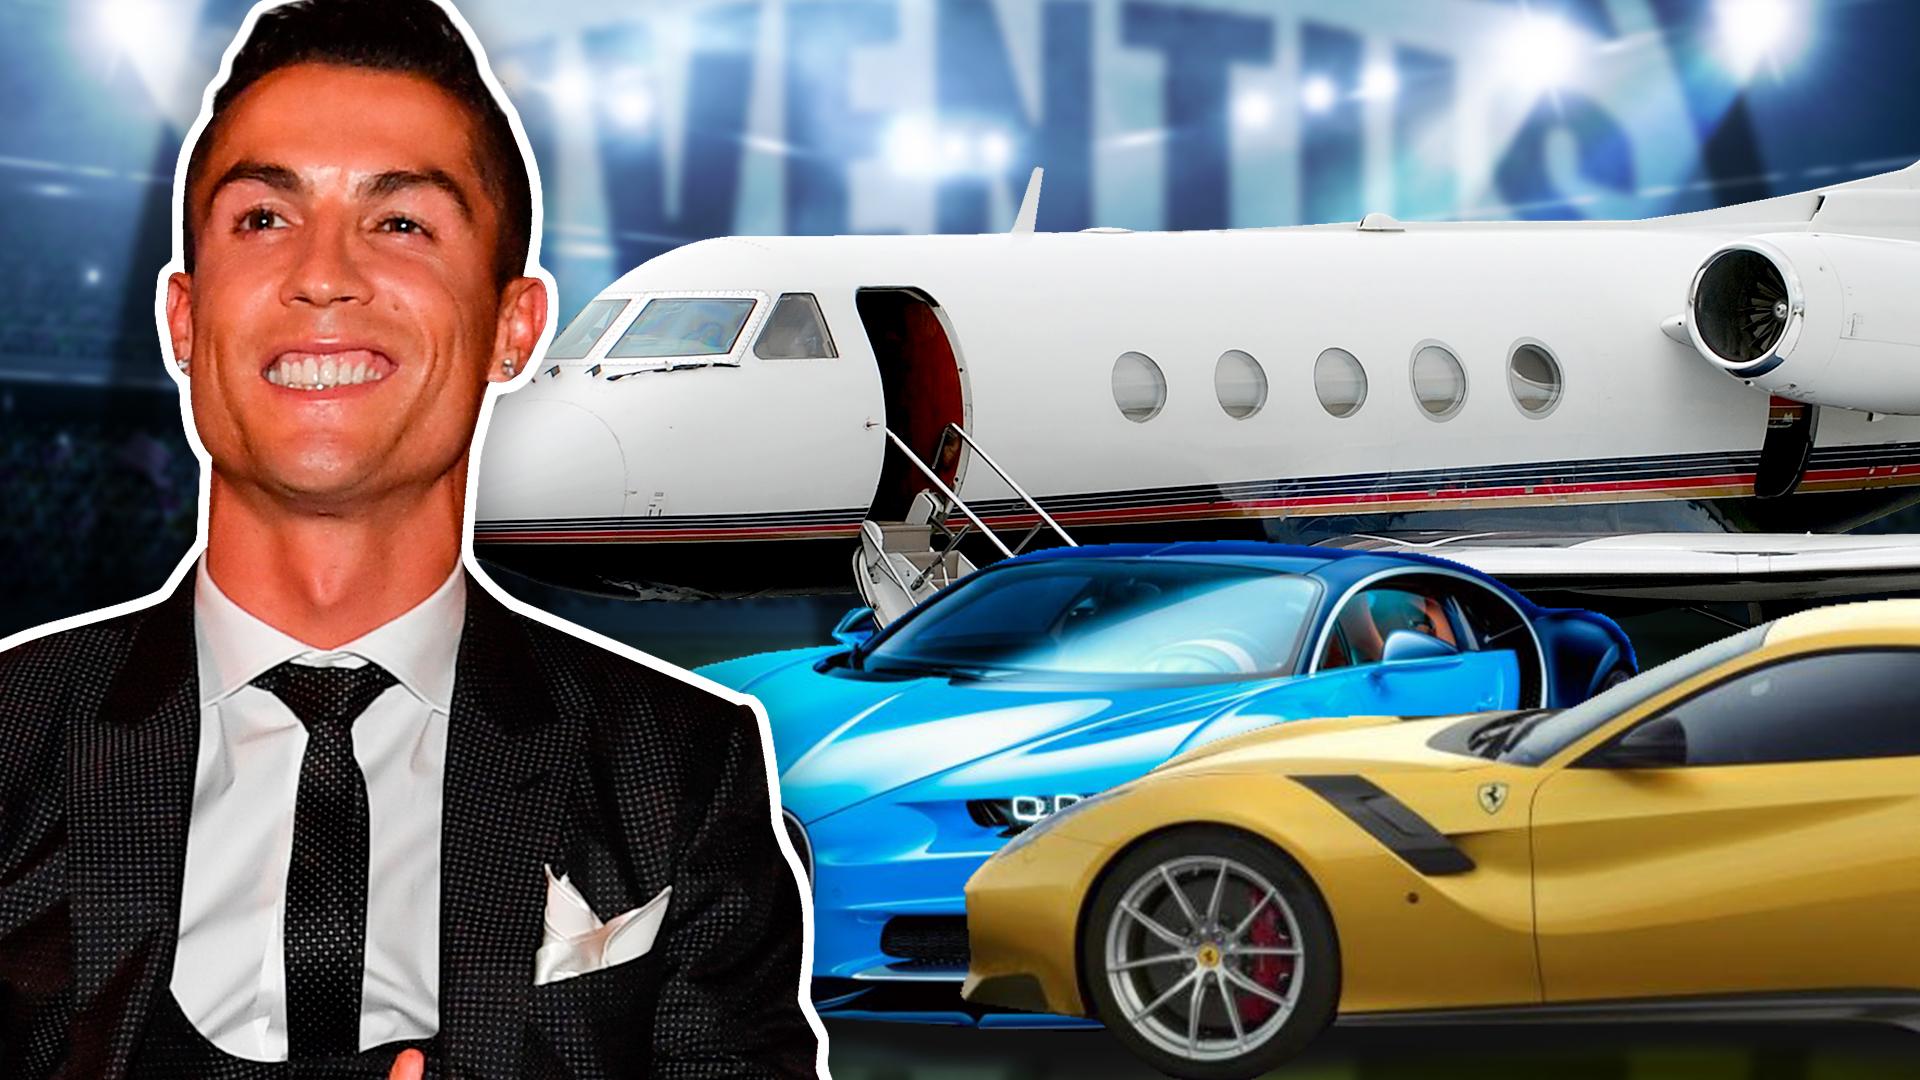 Cristiano Ronaldo agrega un carro de $1,000,000 a su colección